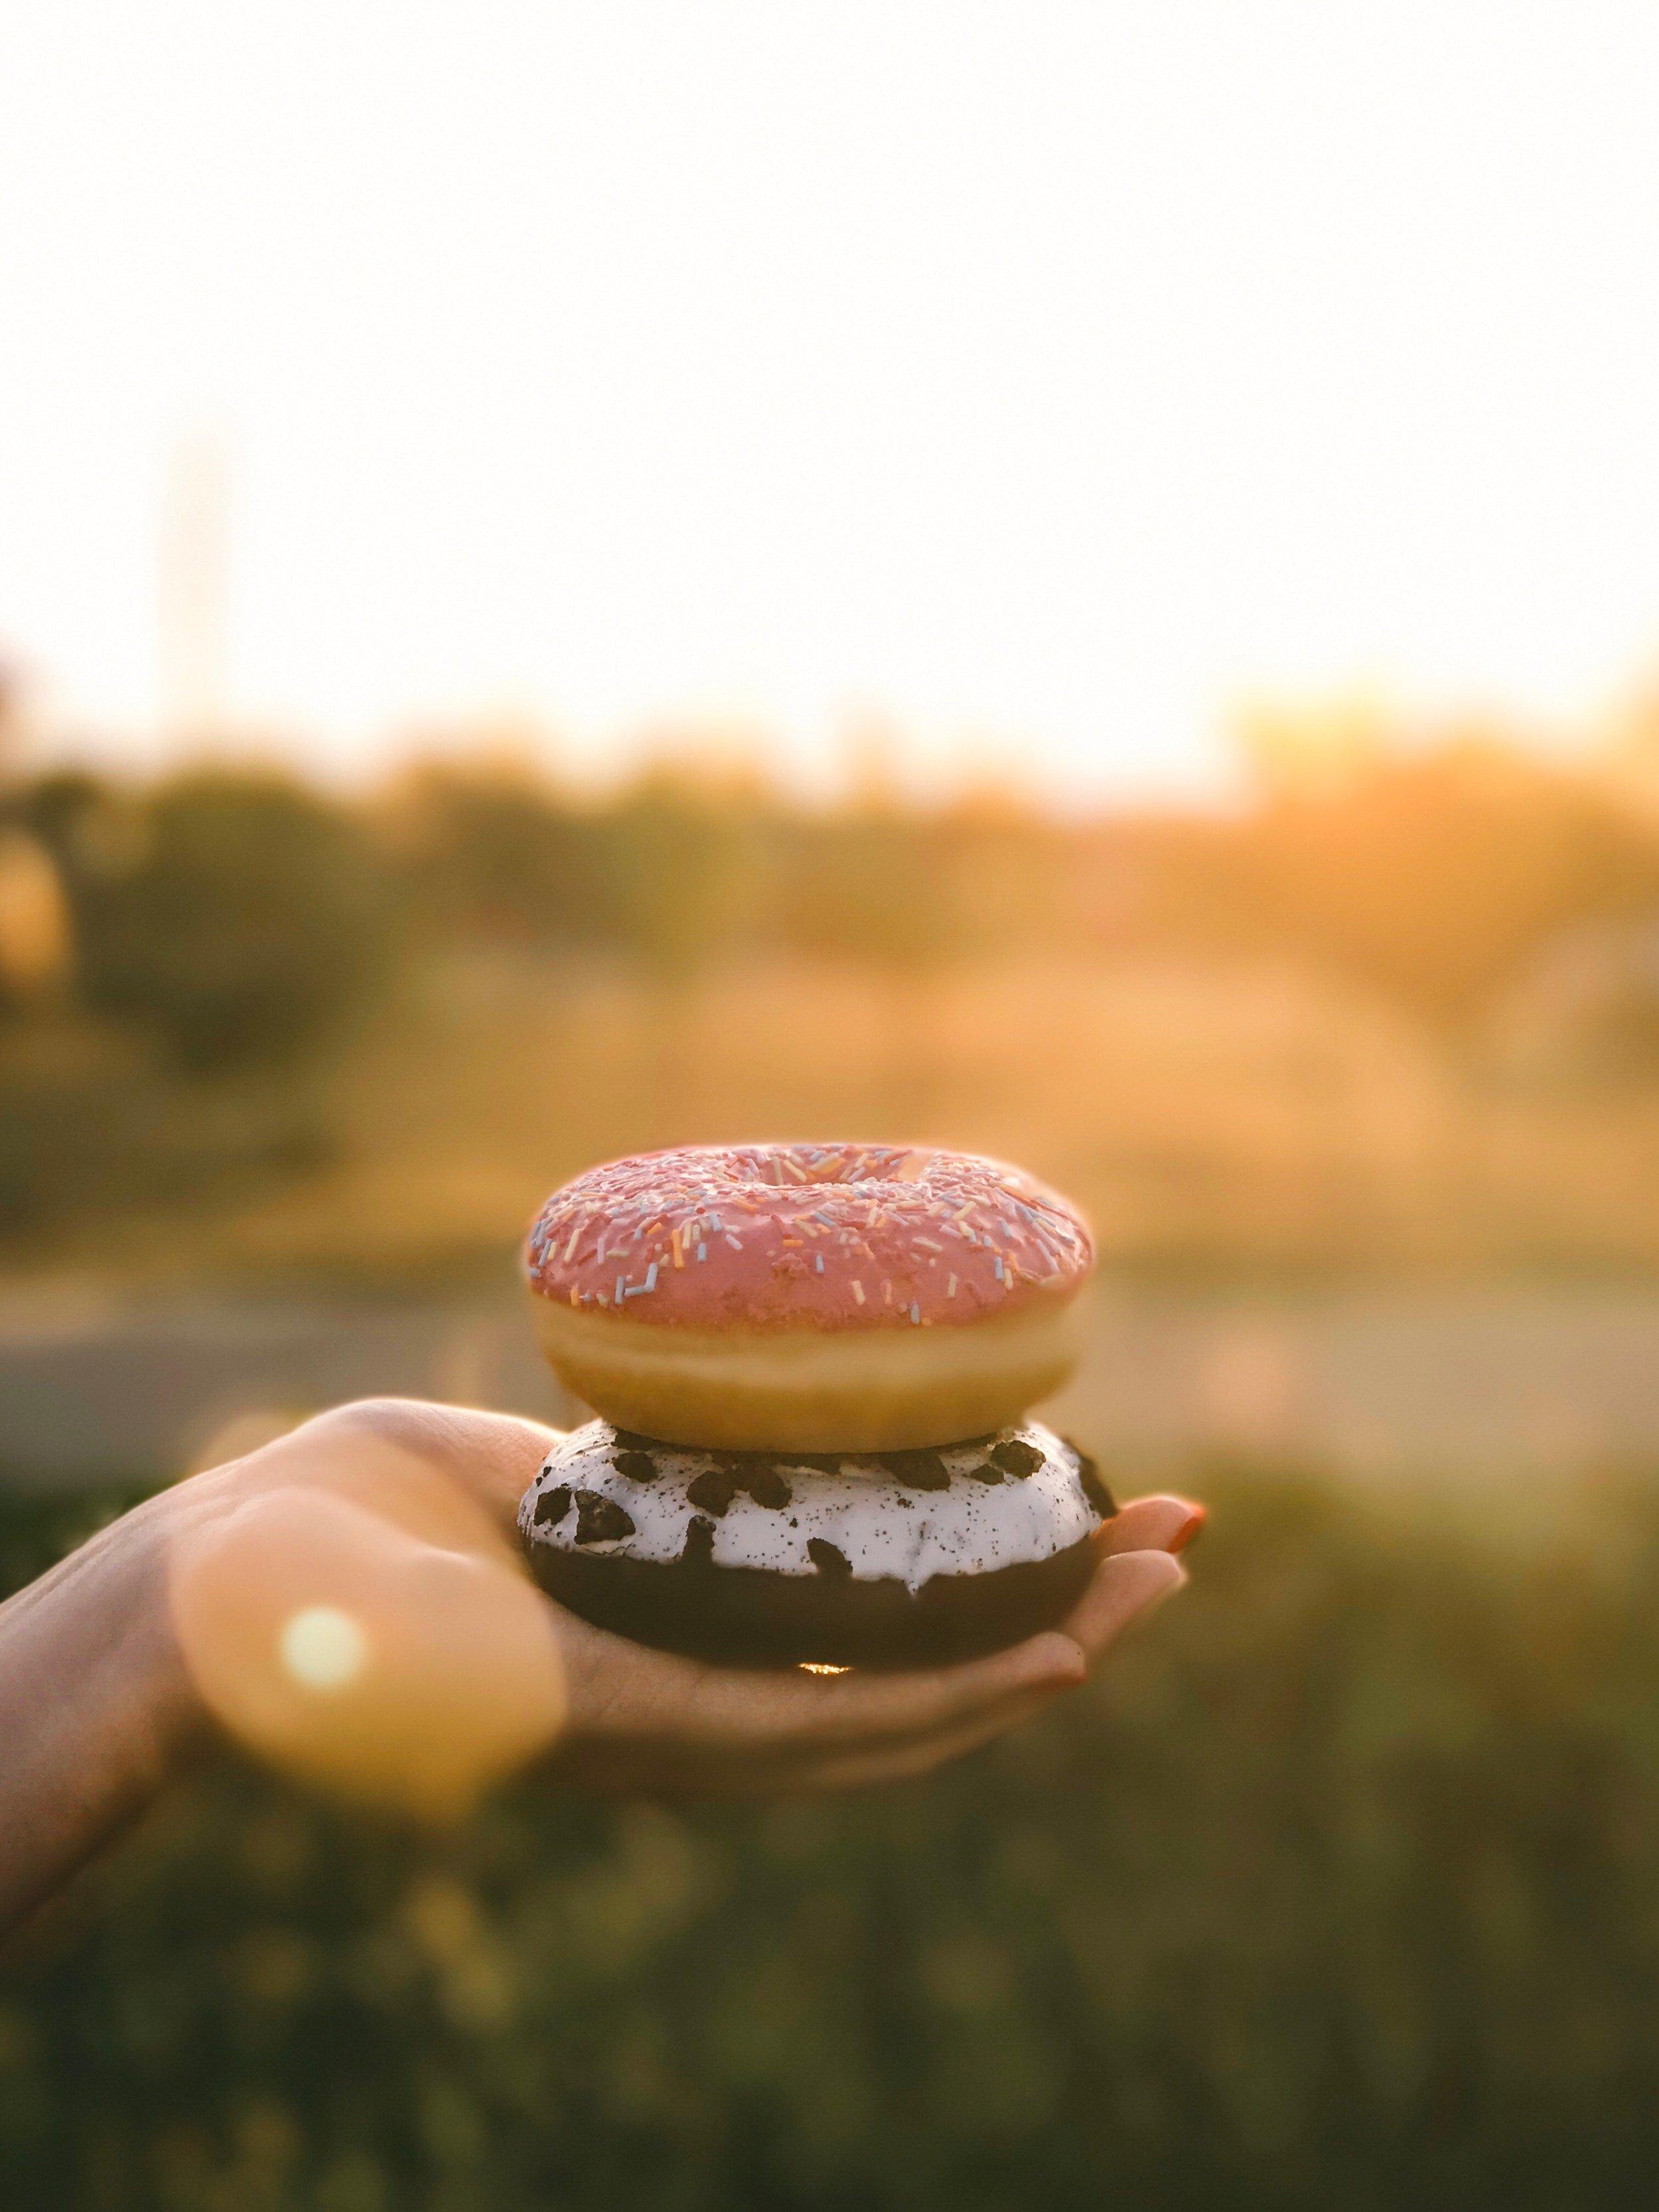 4-reasons-youre-craving-junk-food.jpg